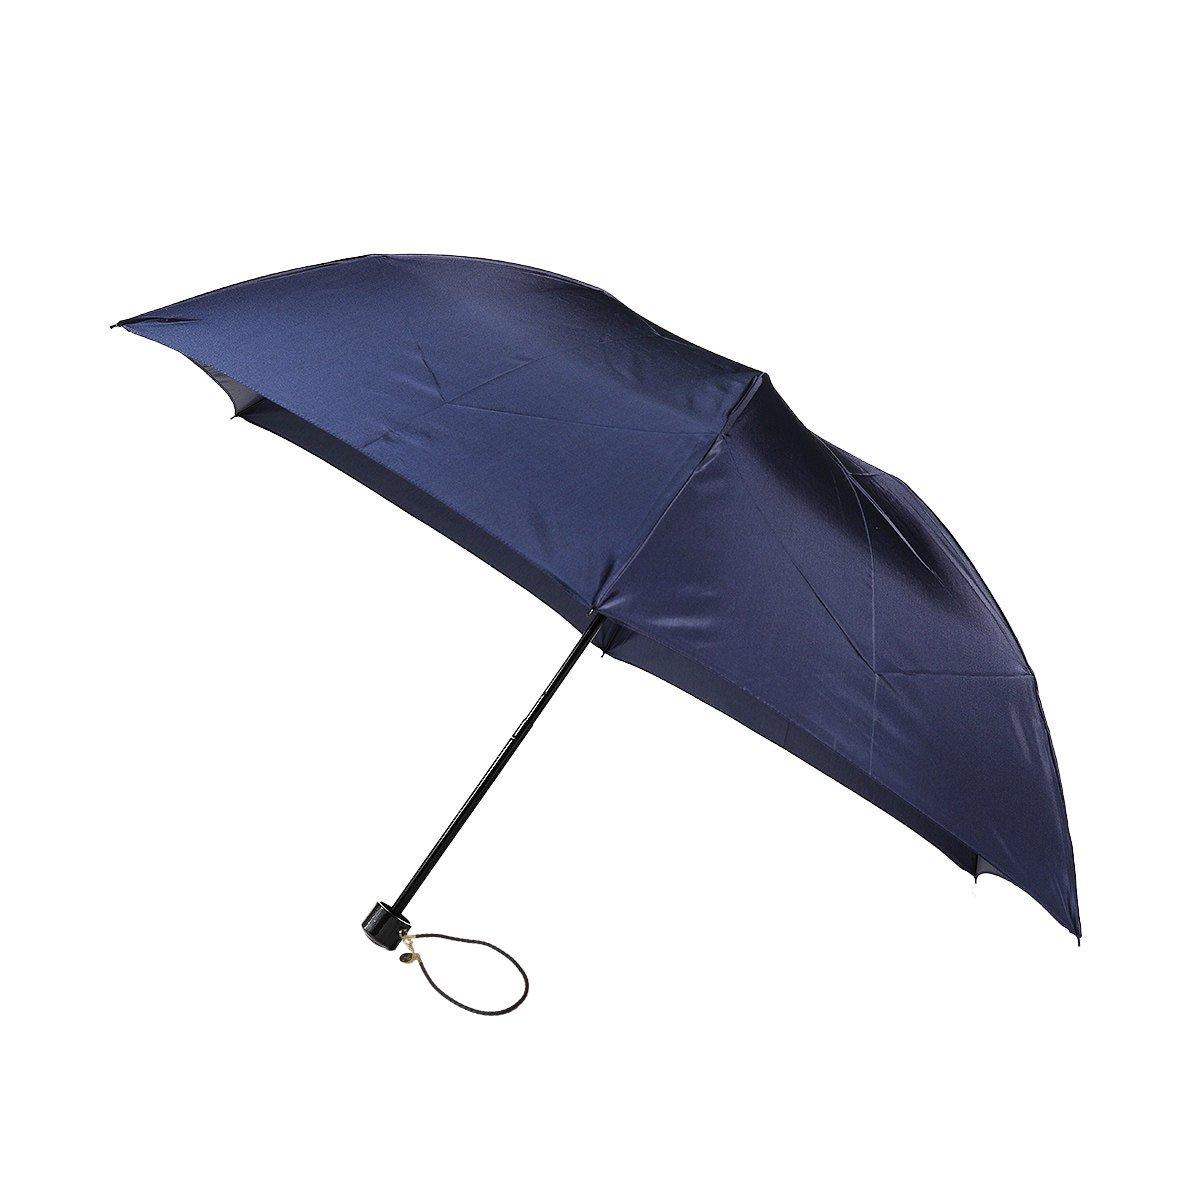 レディース 富士絹 折りたたみ傘 詳細画像16